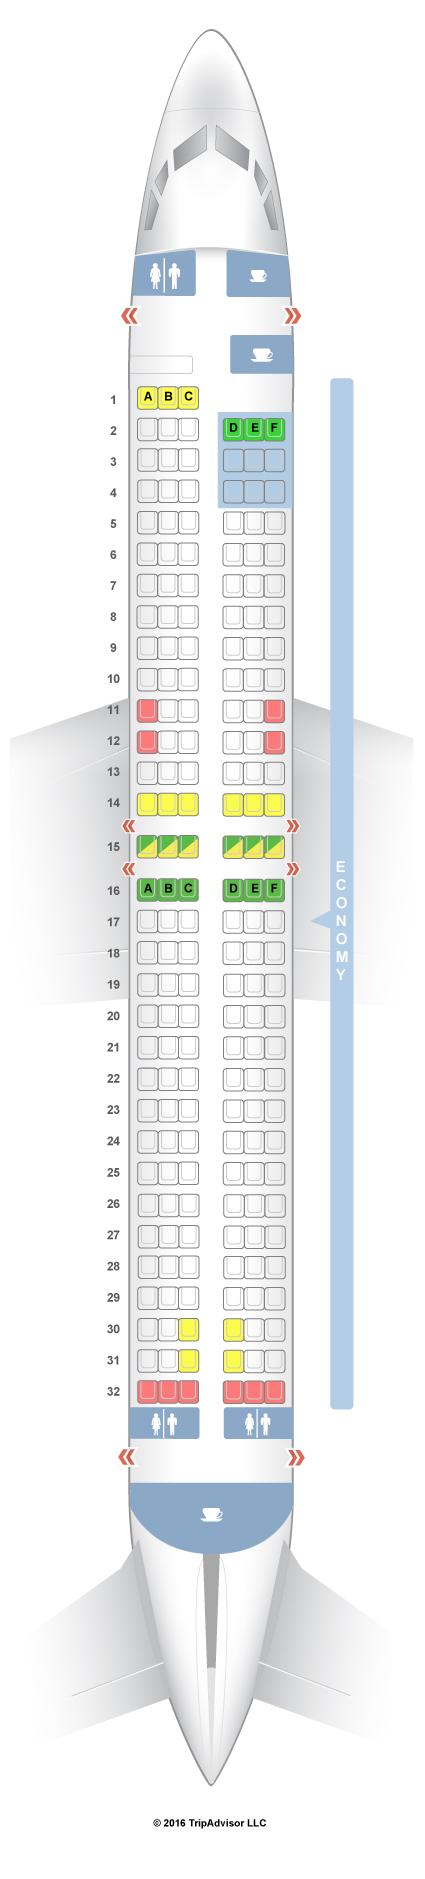 Tuifly X3 Sitzplan